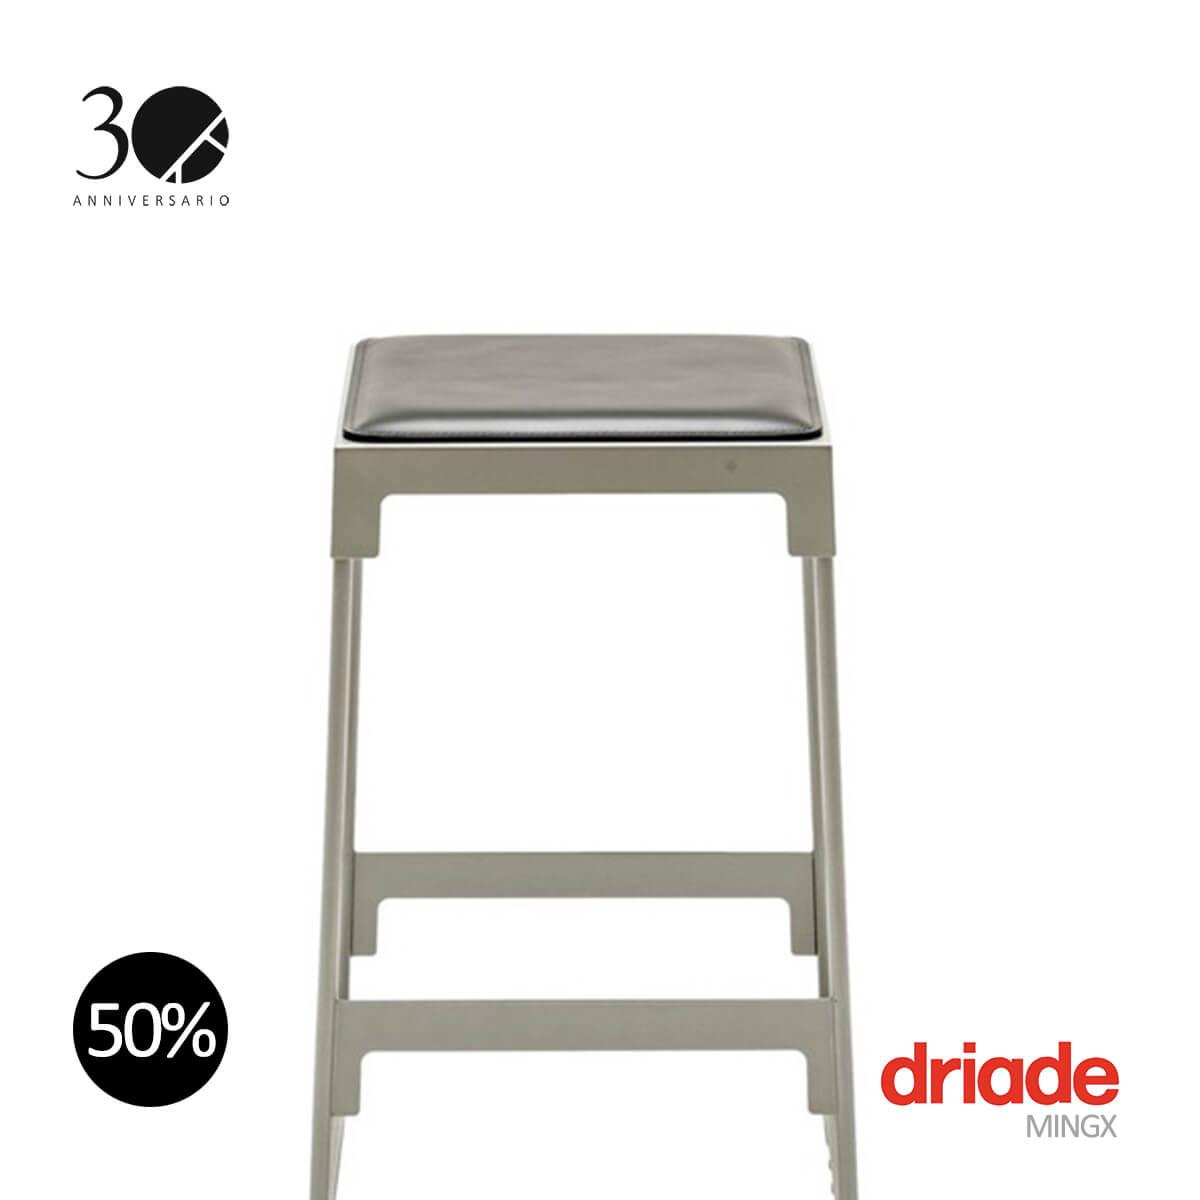 DRIADE-MINGX